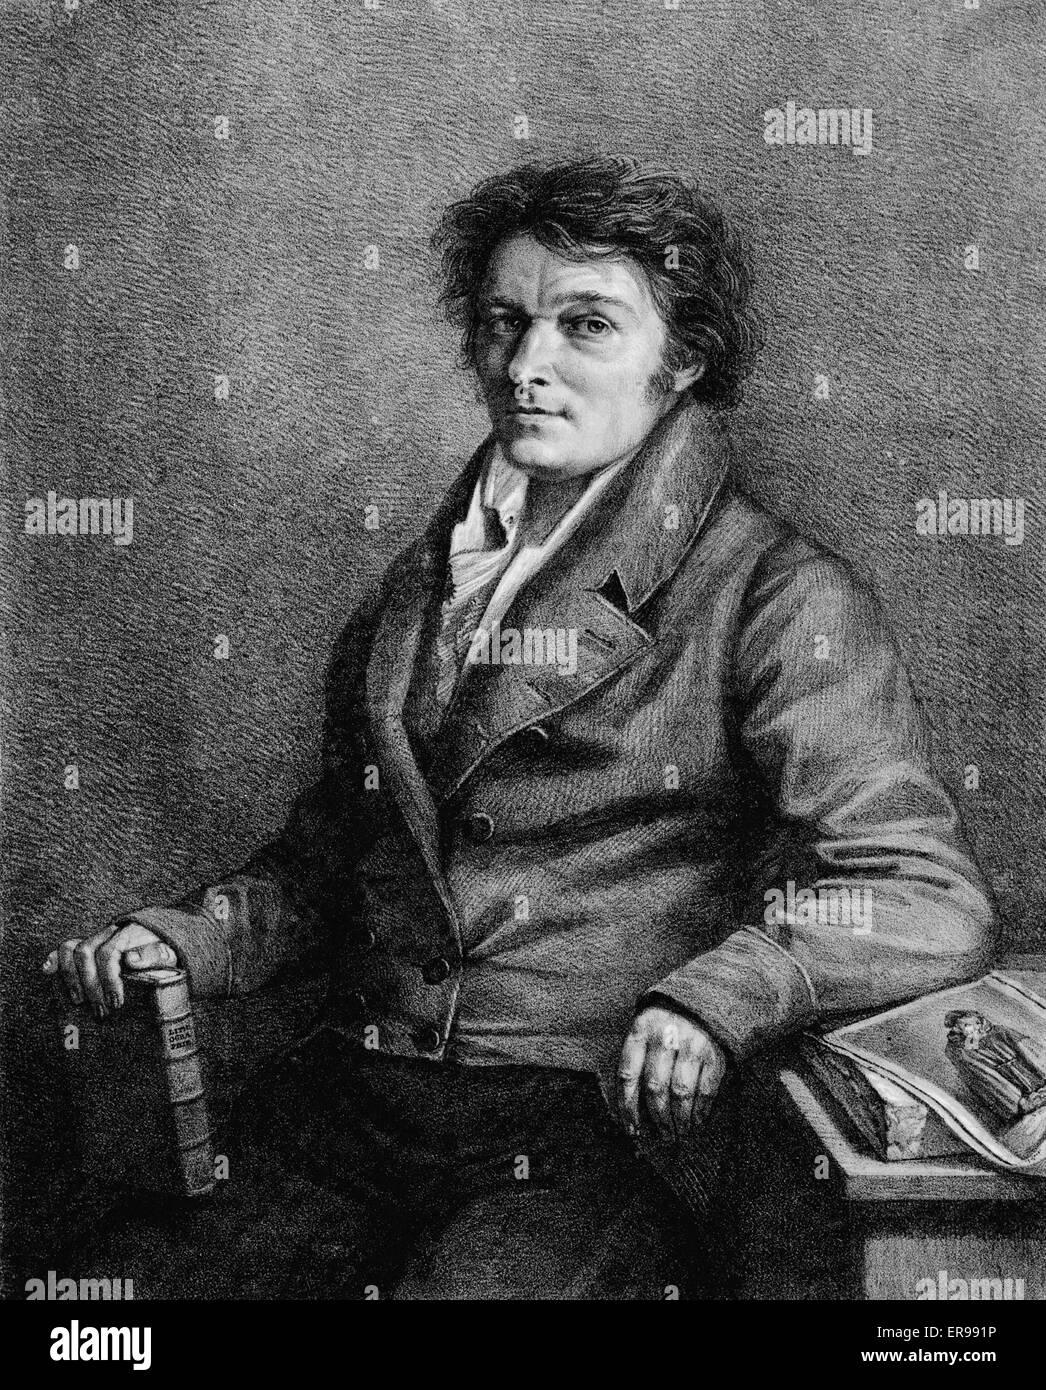 Alois Senefelder, inventore della stampa litografia, ritratto, seduto, rivolto verso sinistra. 1818 Immagini Stock